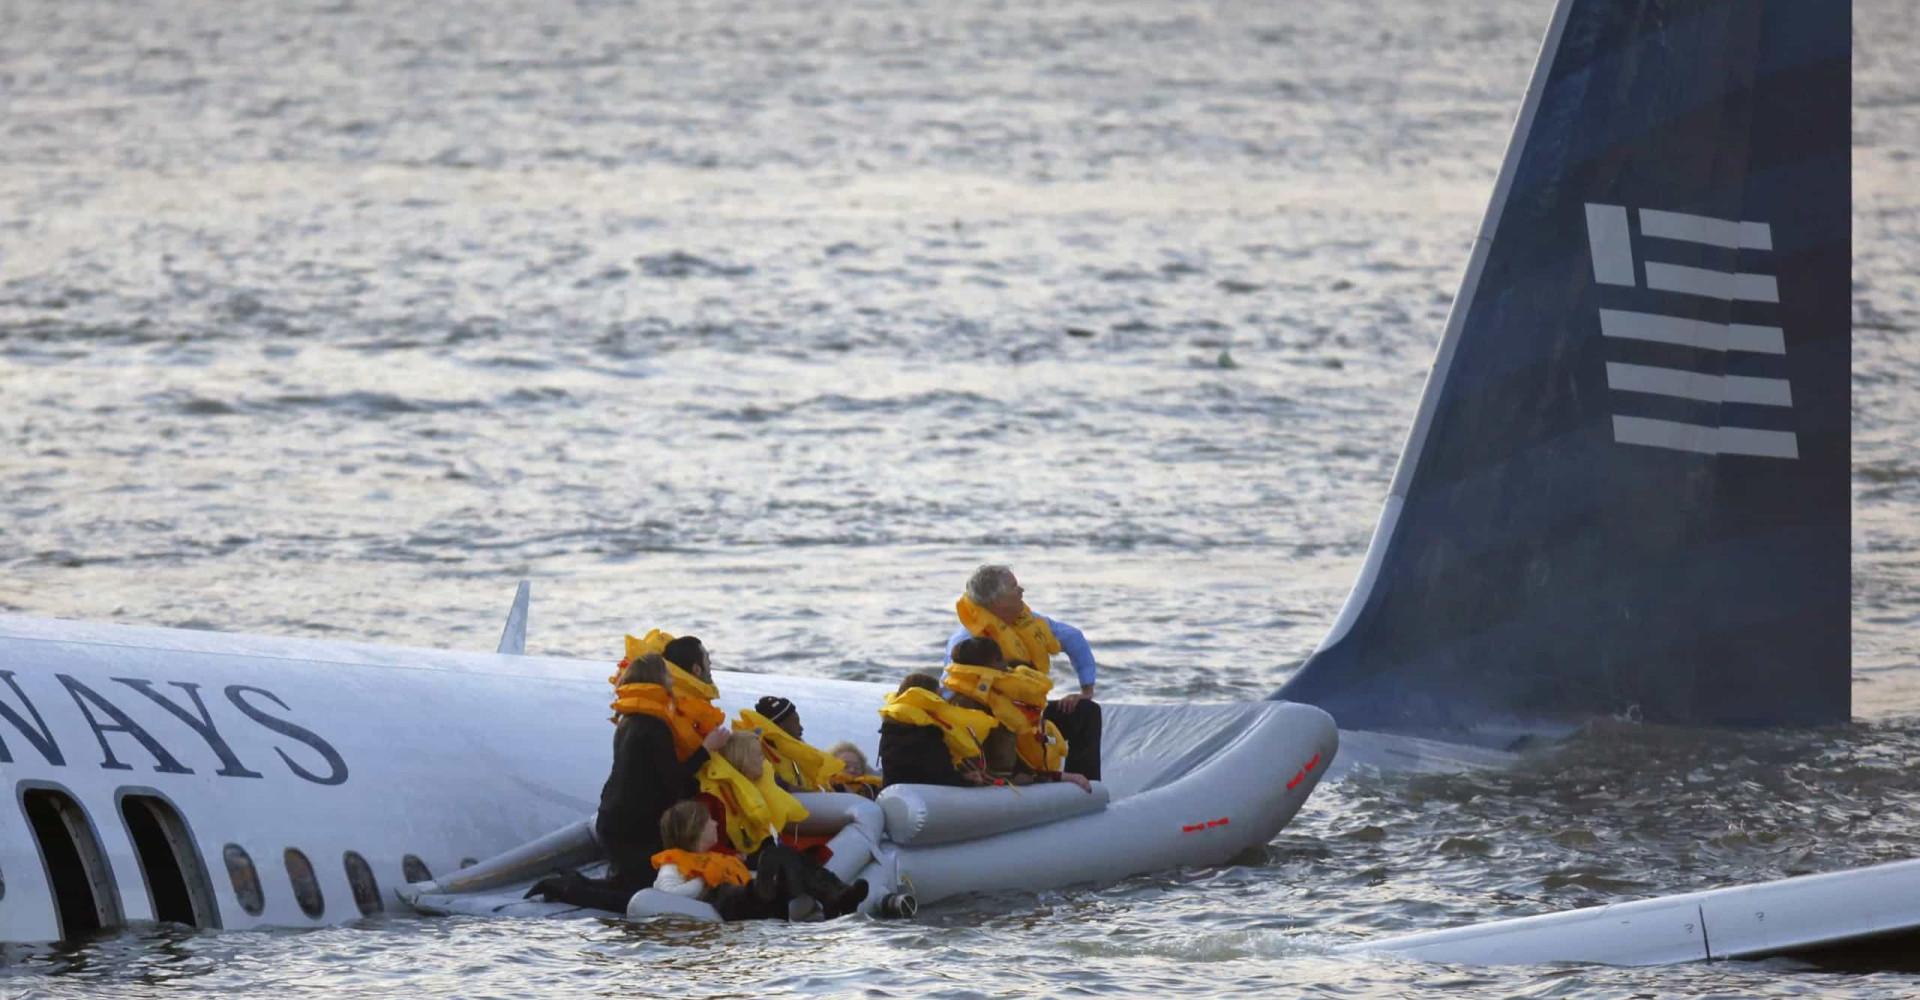 Mirakuløse historier om overlevende etter flyulykker